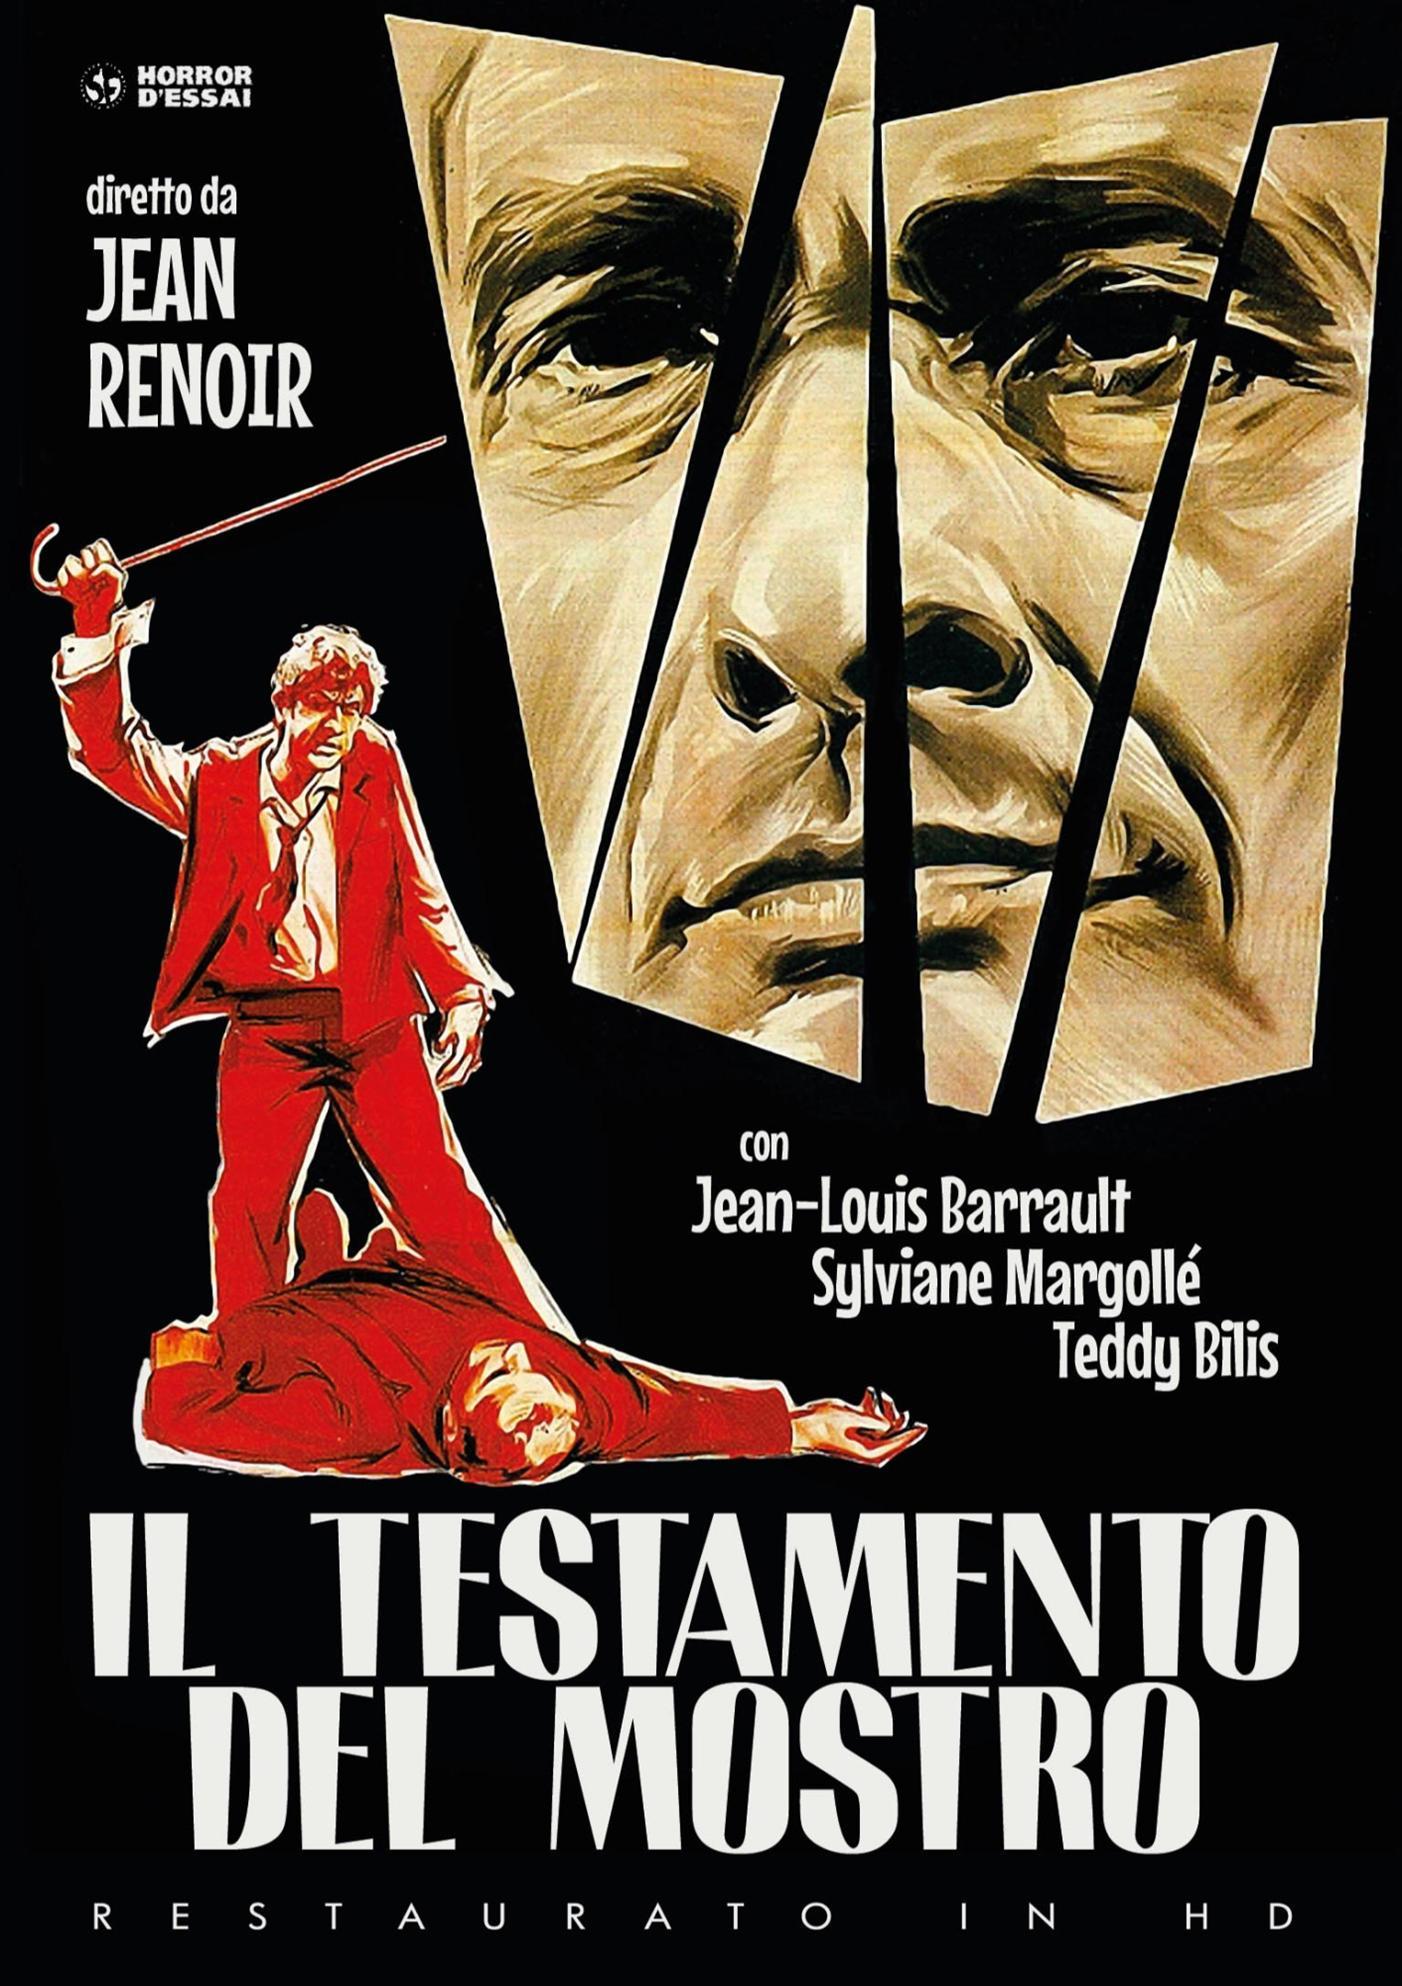 IL TESTAMENTO DEL MOSTRO (RESTAURATO IN HD) (DVD)